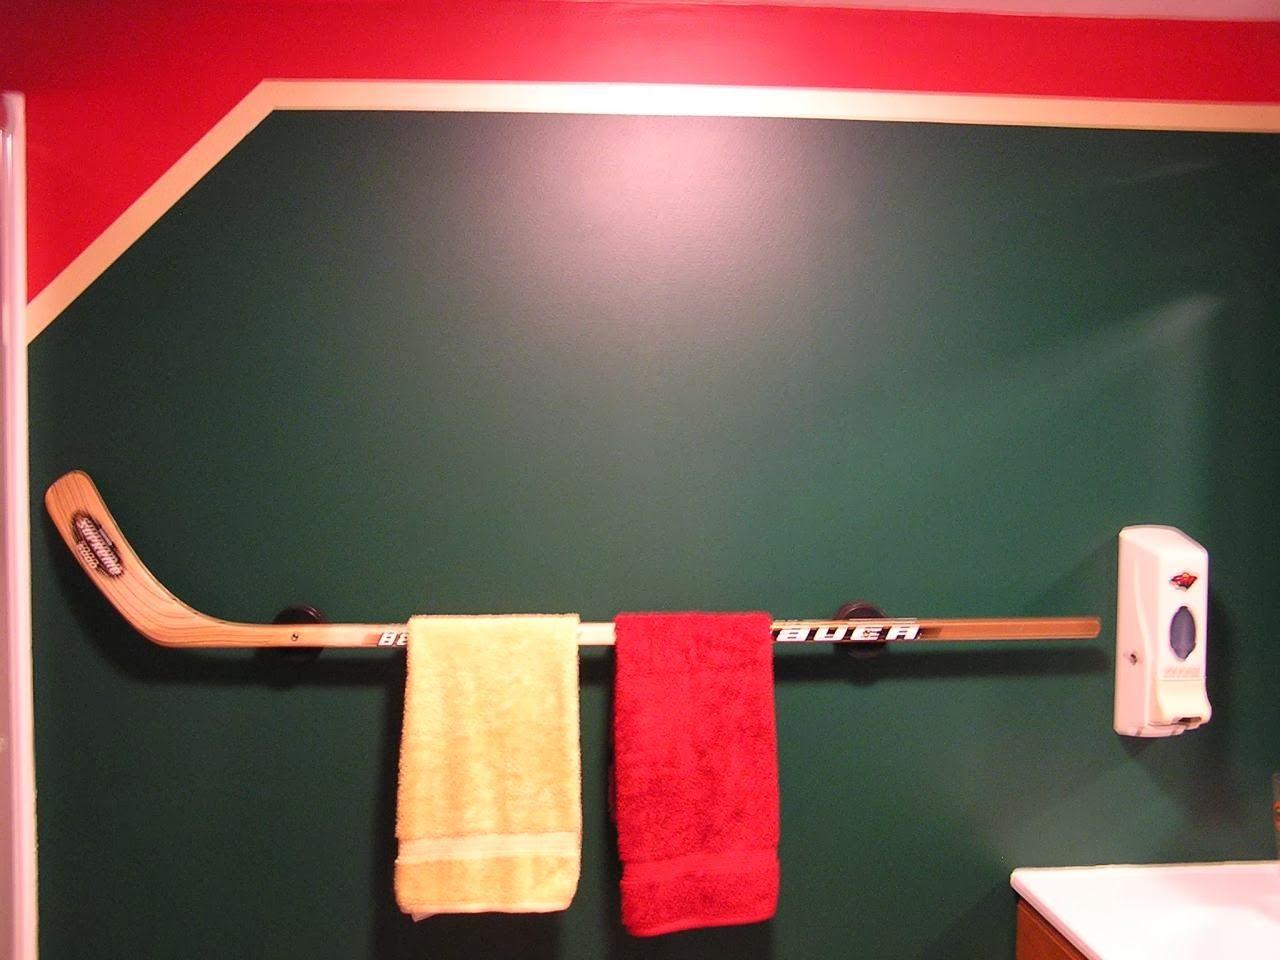 die besten 25 sport badezimmer ideen auf pinterest man cave badezimmer altmodisches baseball. Black Bedroom Furniture Sets. Home Design Ideas